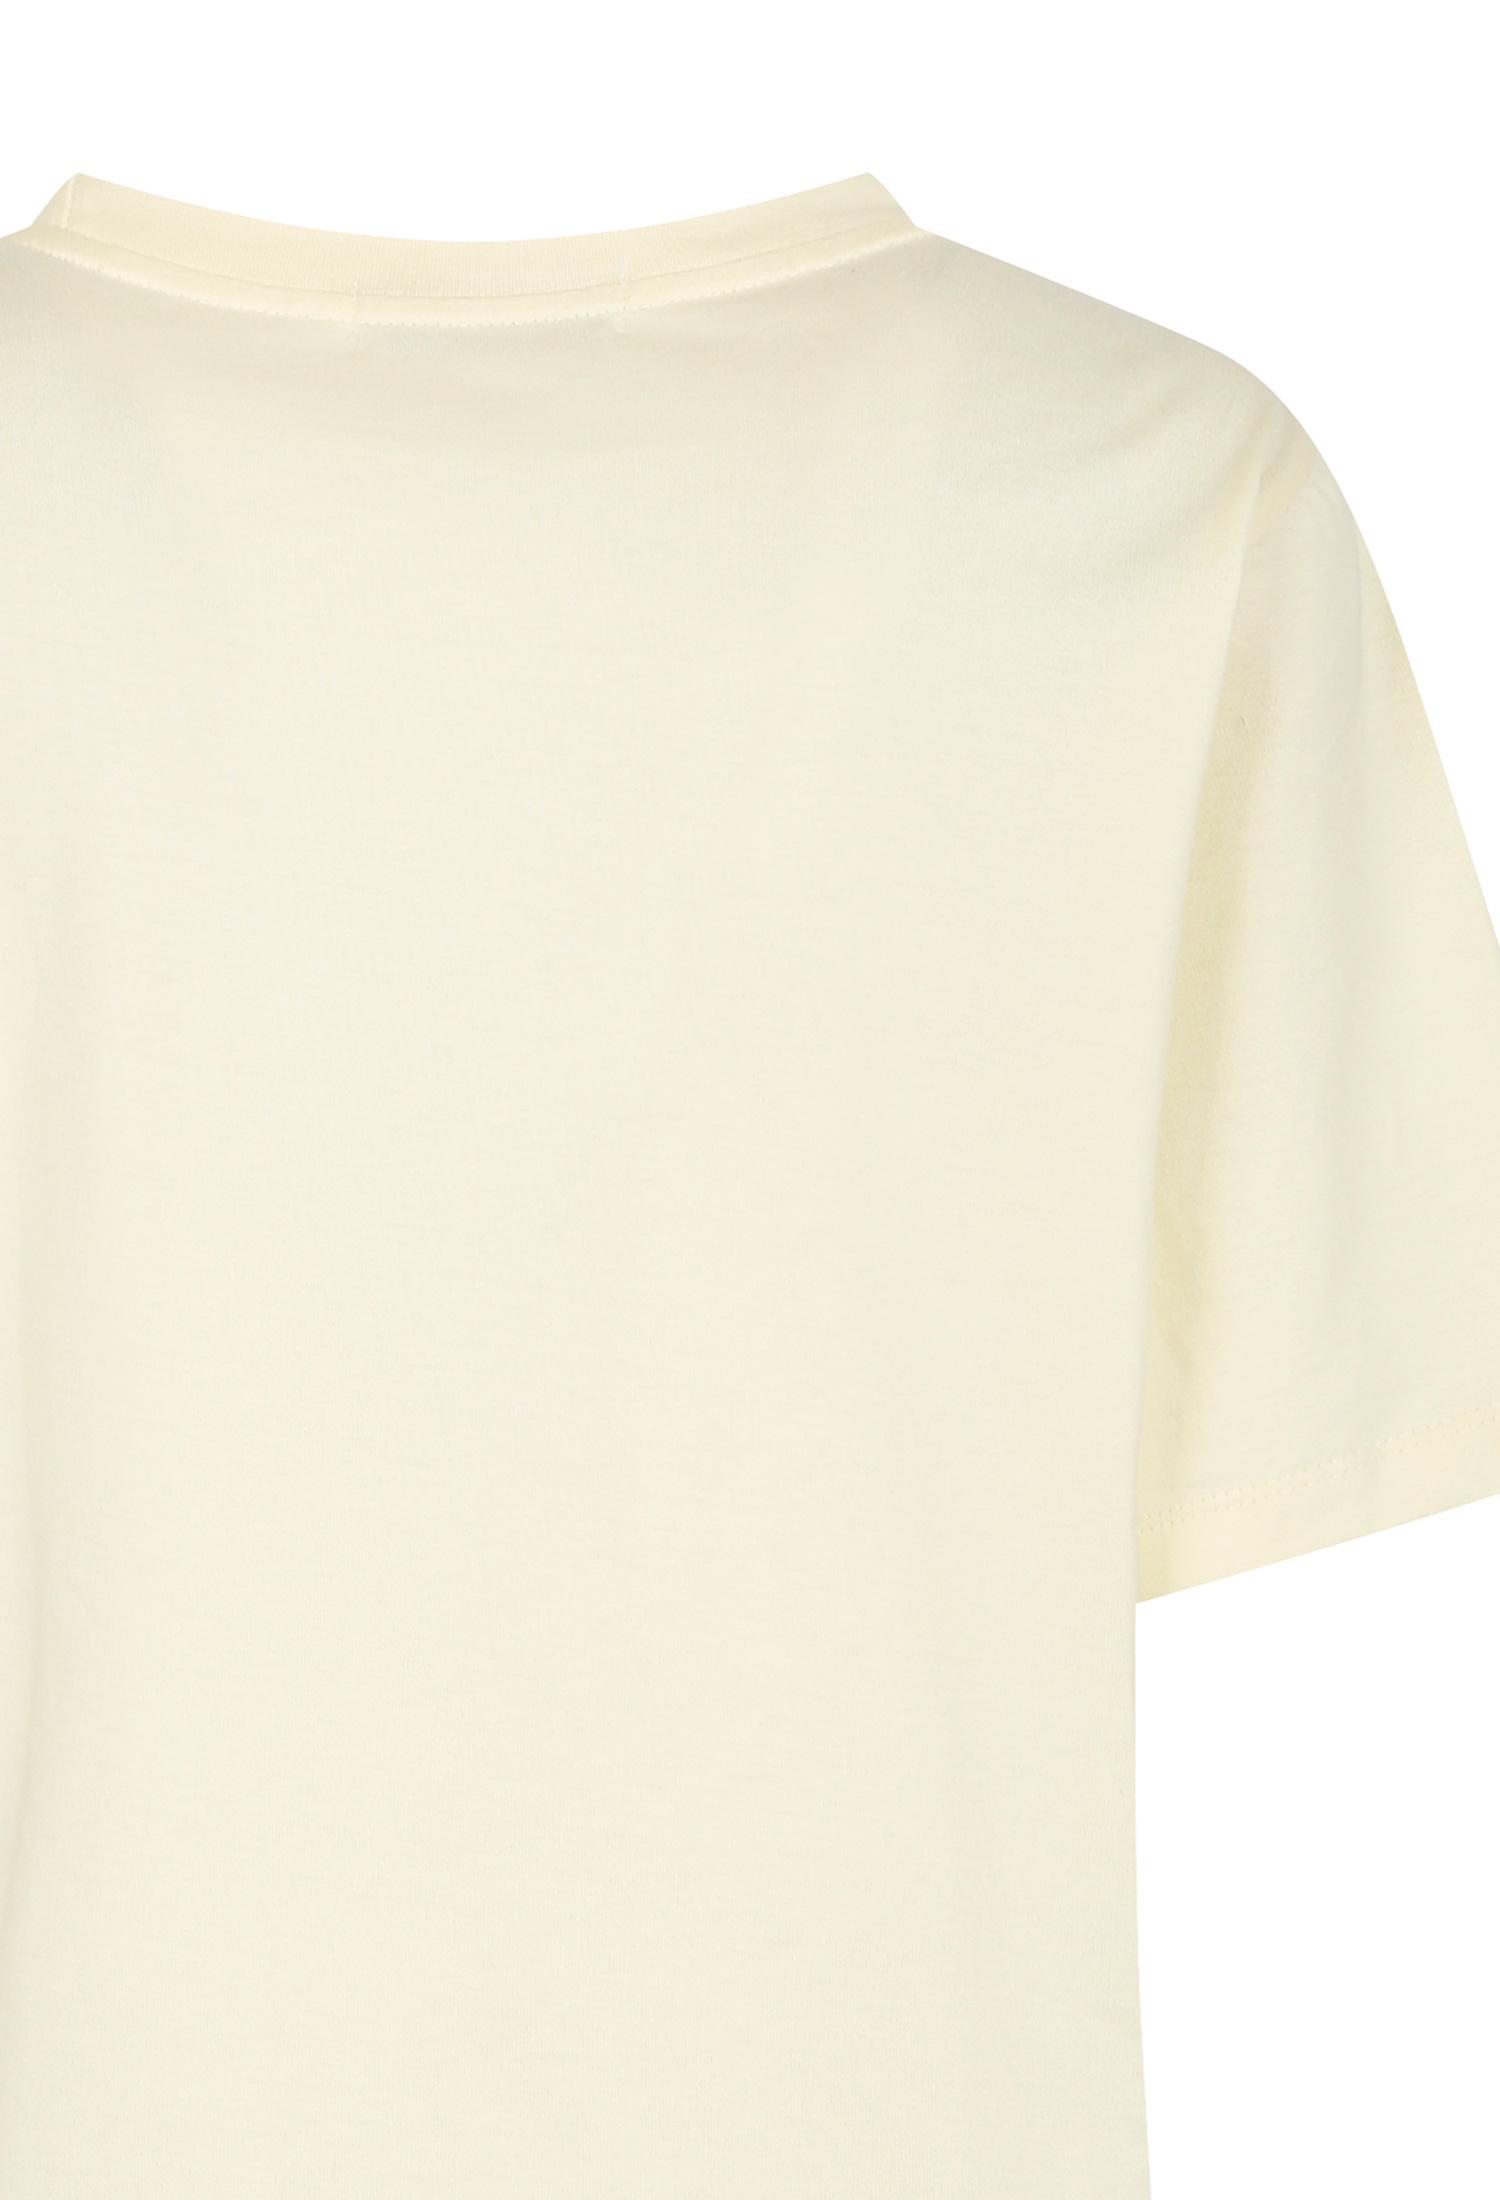 브레이드 장식 레터링 티셔츠 (CREAM)